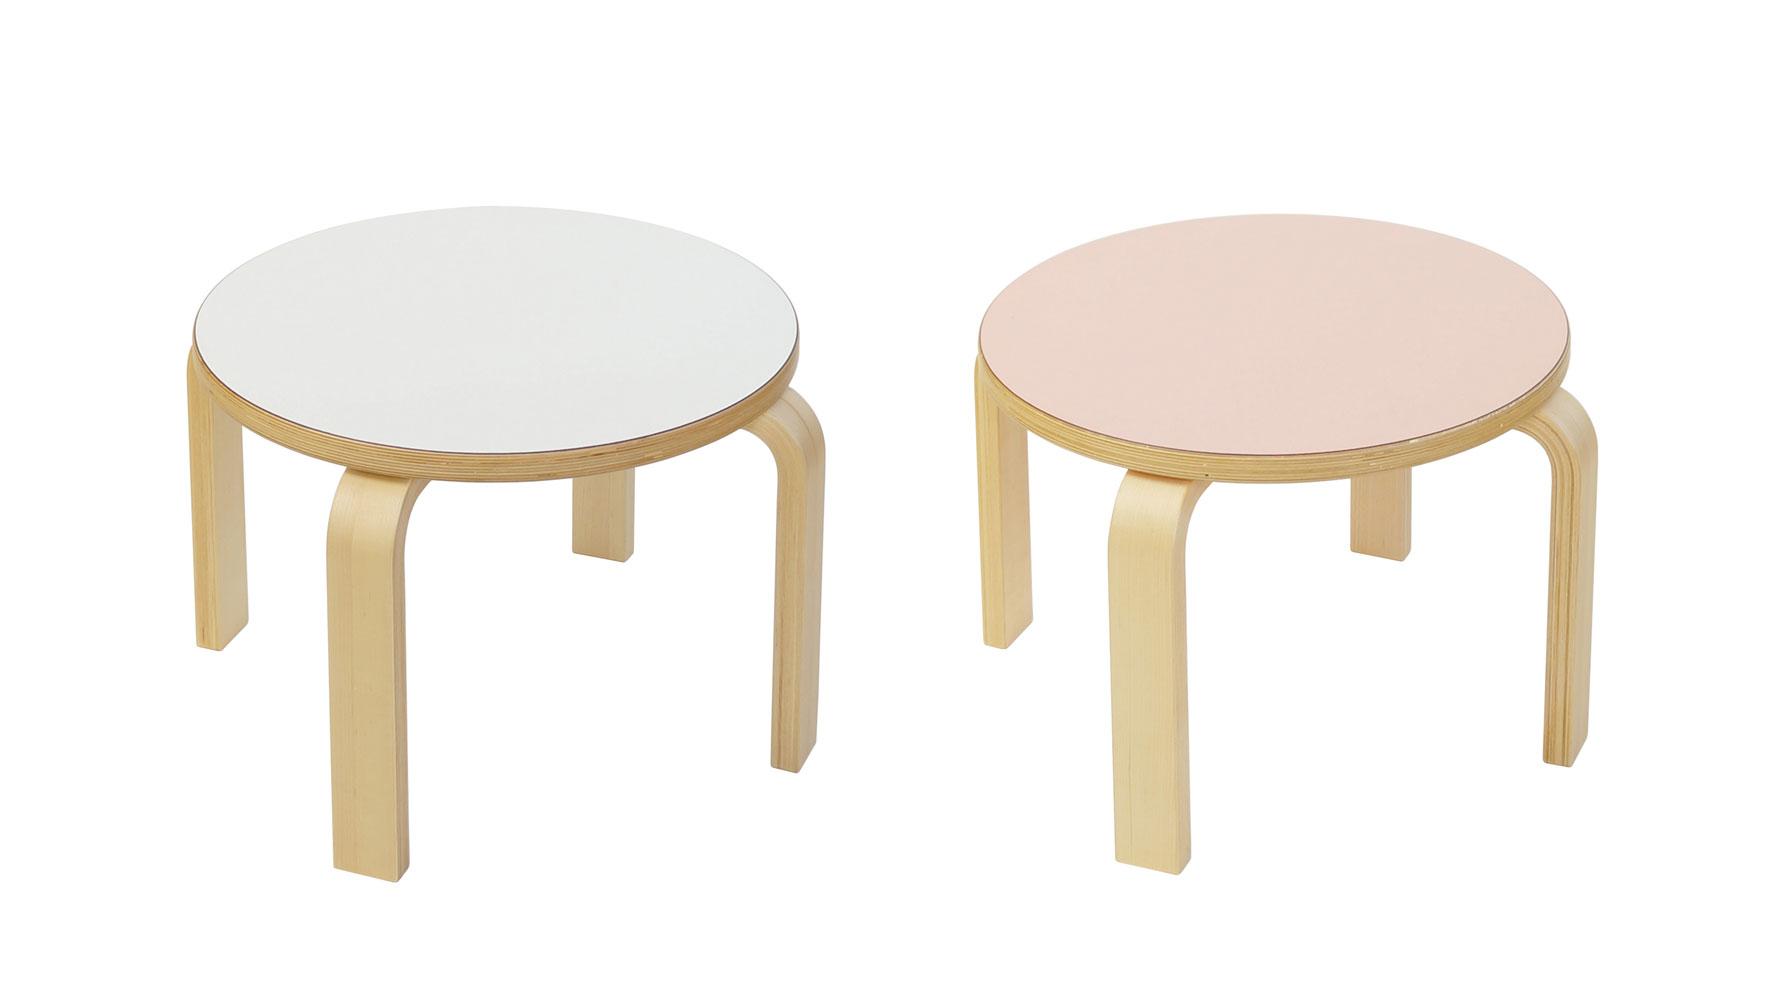 このシーンで使われているアイテム画像(CAROTA-table maru)